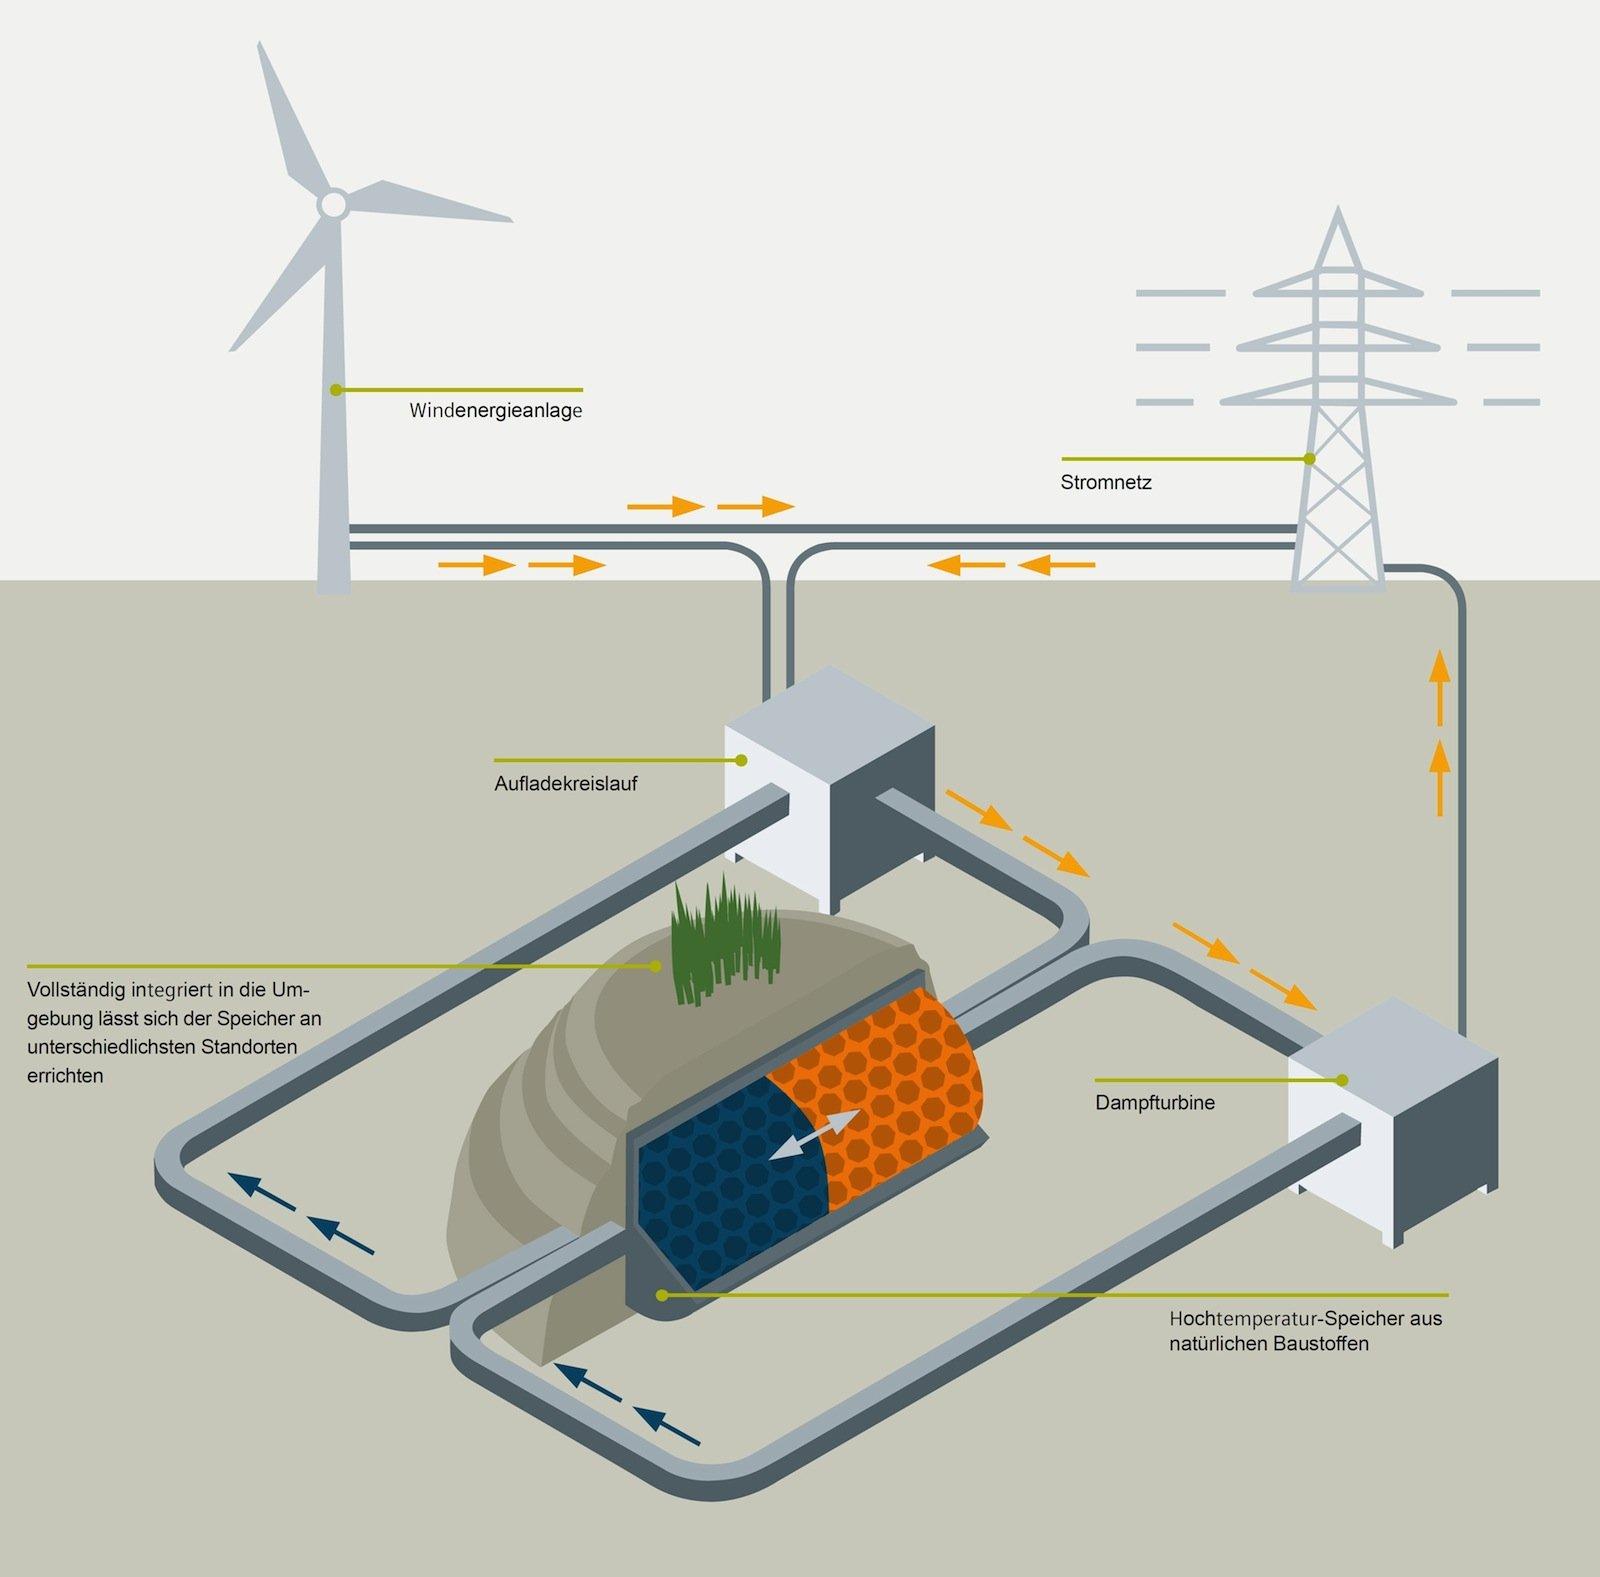 Der in Hamburg entwickelte thermische Speicher für Windenergie ist ein Gemeinschaftsprojekt von Siemens, Hamburg Energie und der TUHH. Das Bundesministerium für Wirtschaft und Energie fördert die Forschung.